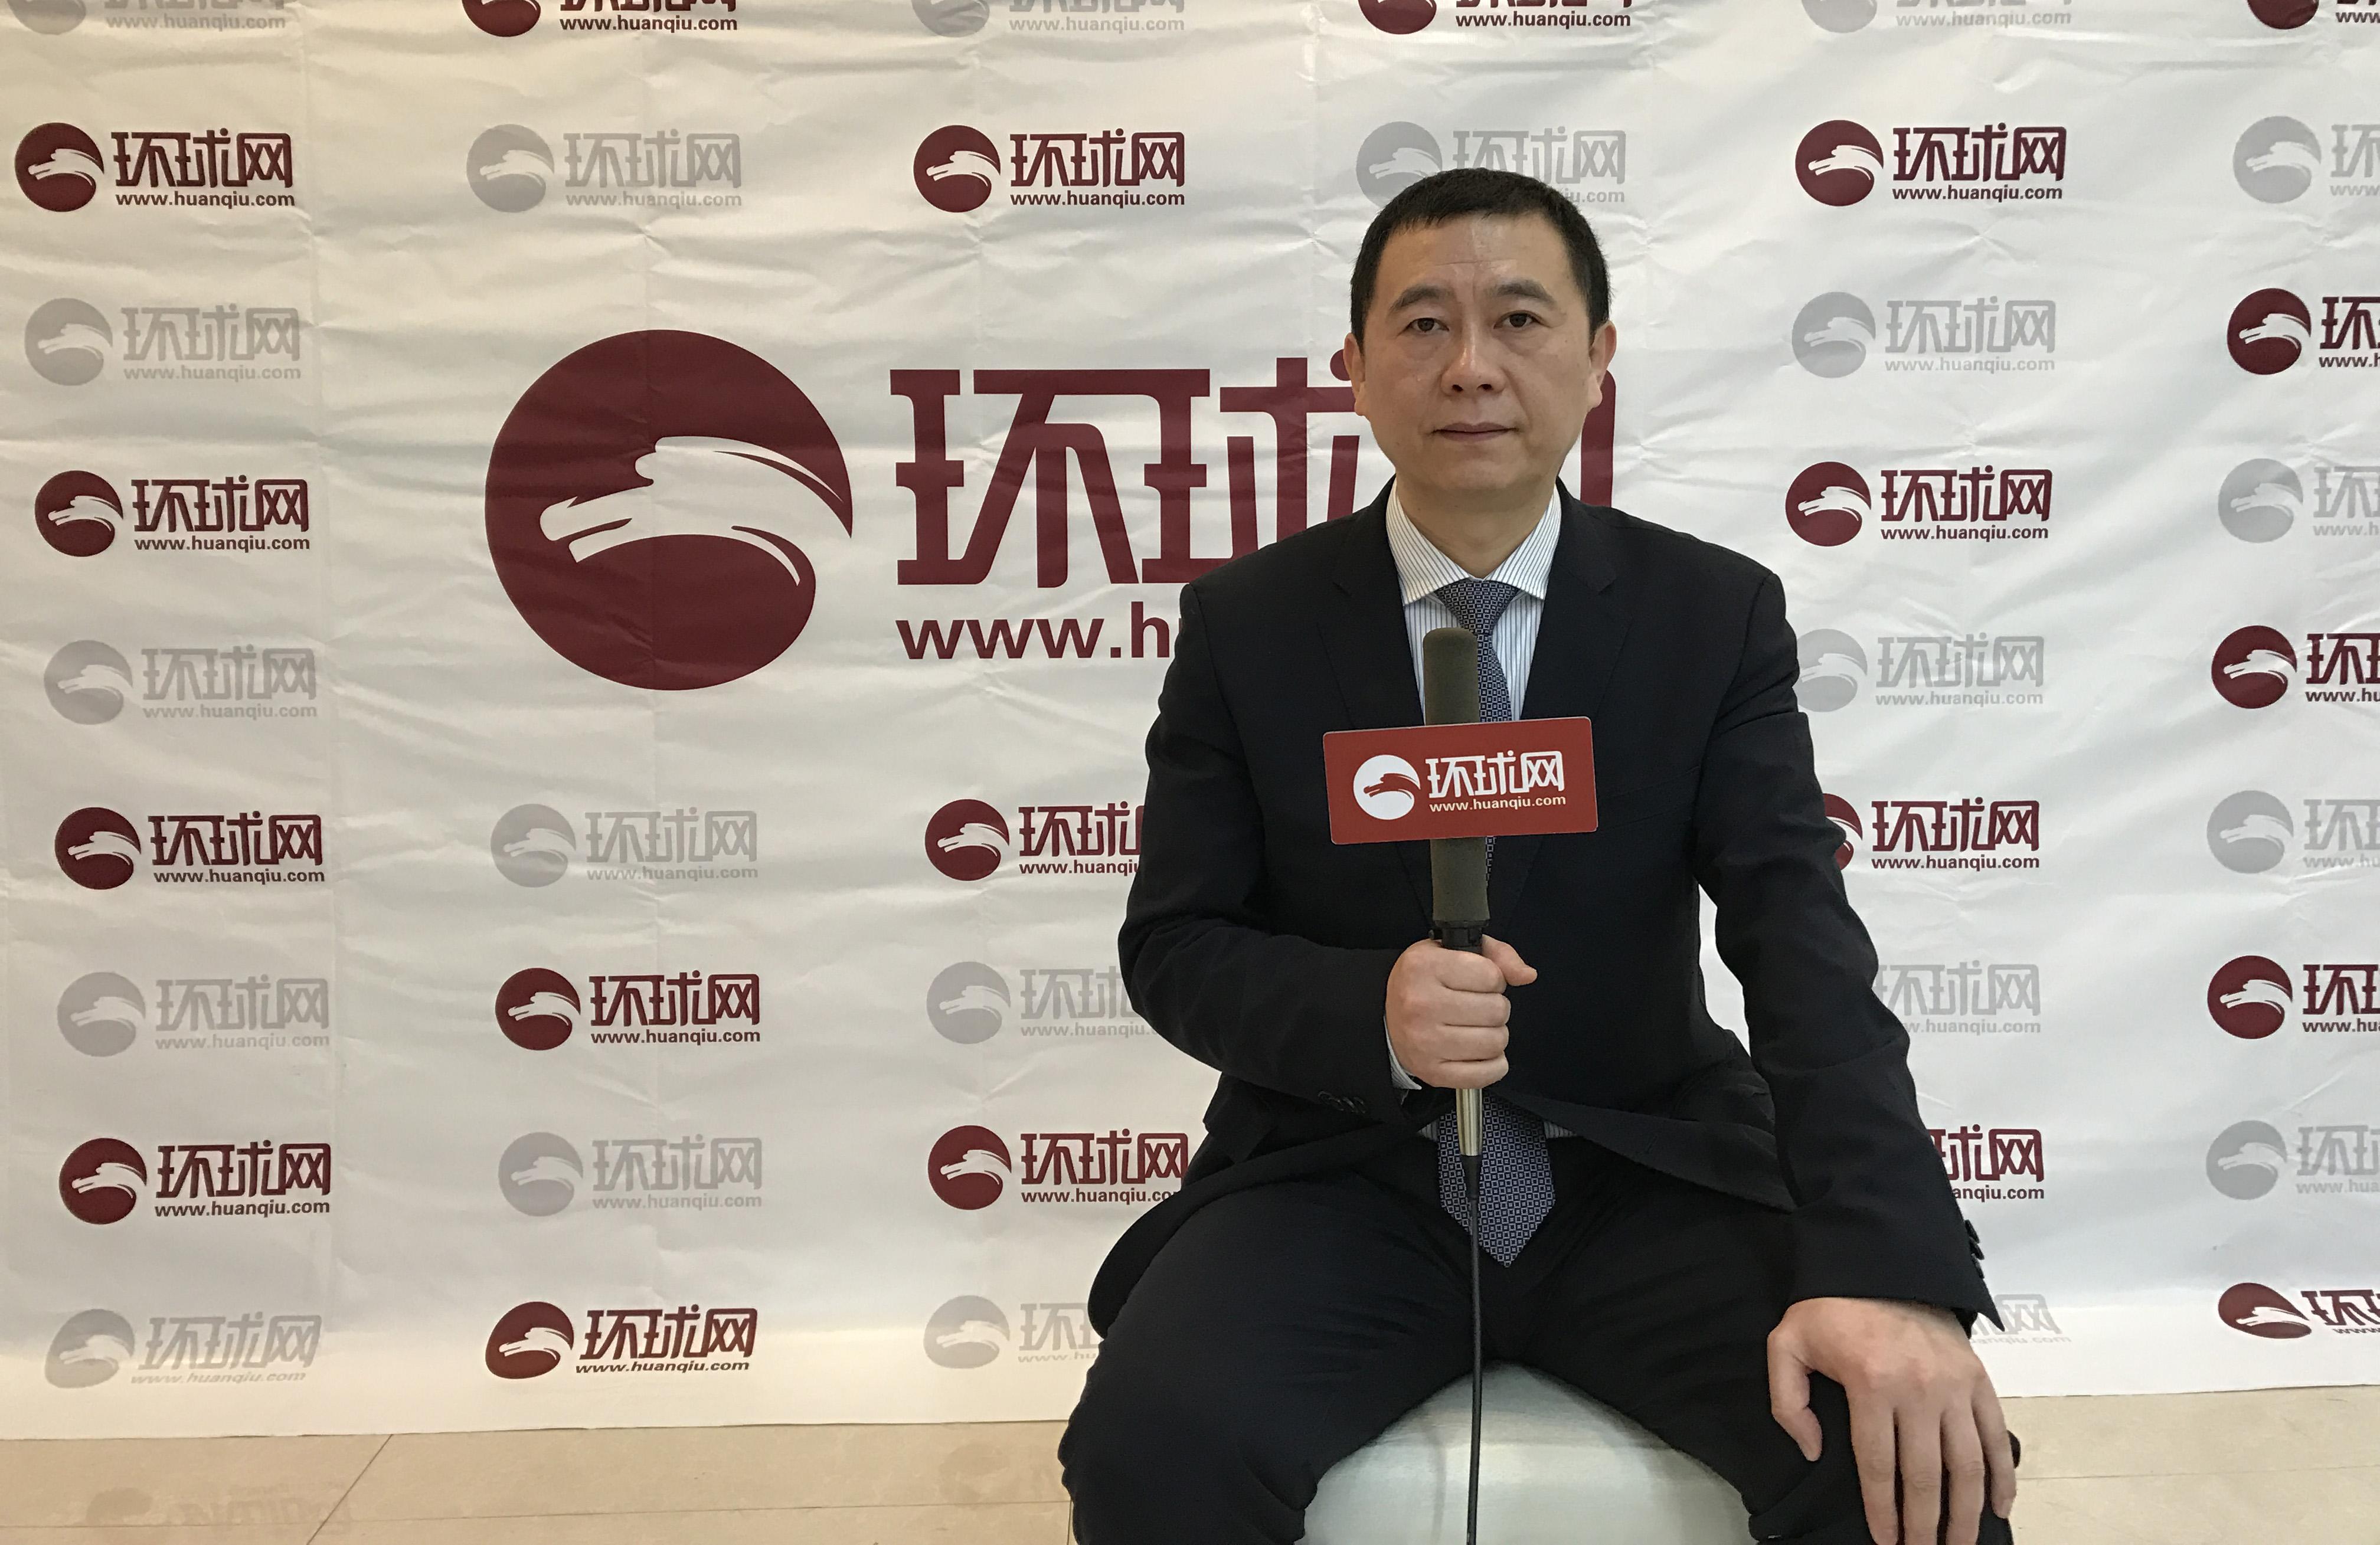 董酒总裁刘智涛:不盲目跟风涨价